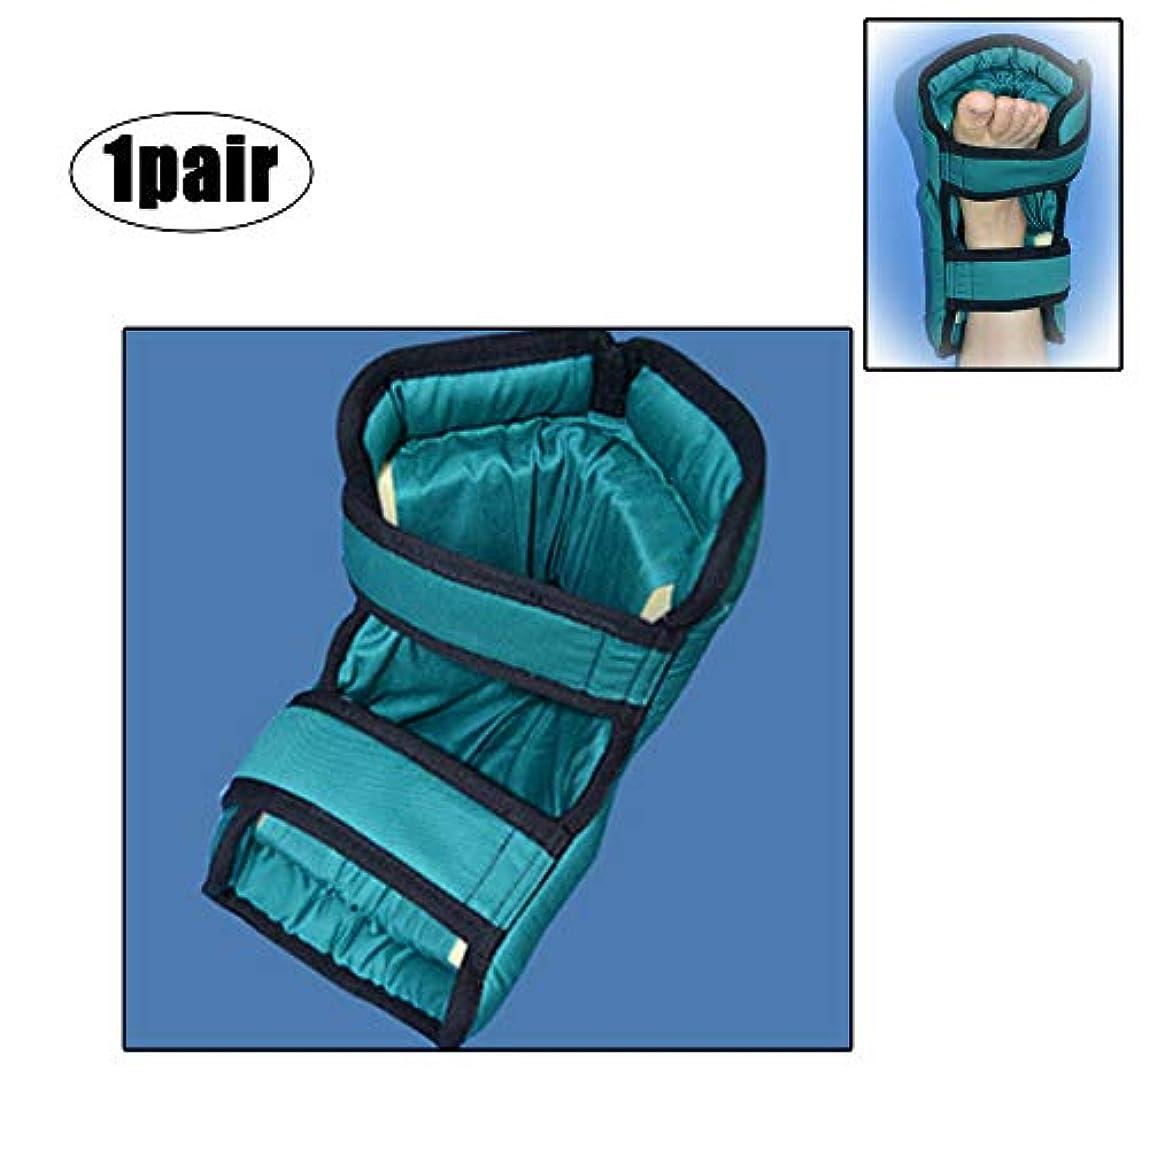 呼びかける文芸イヤホンヒールプロテクター、部分的外傷| 車椅子| 高齢者の足の補正カバー、青緑